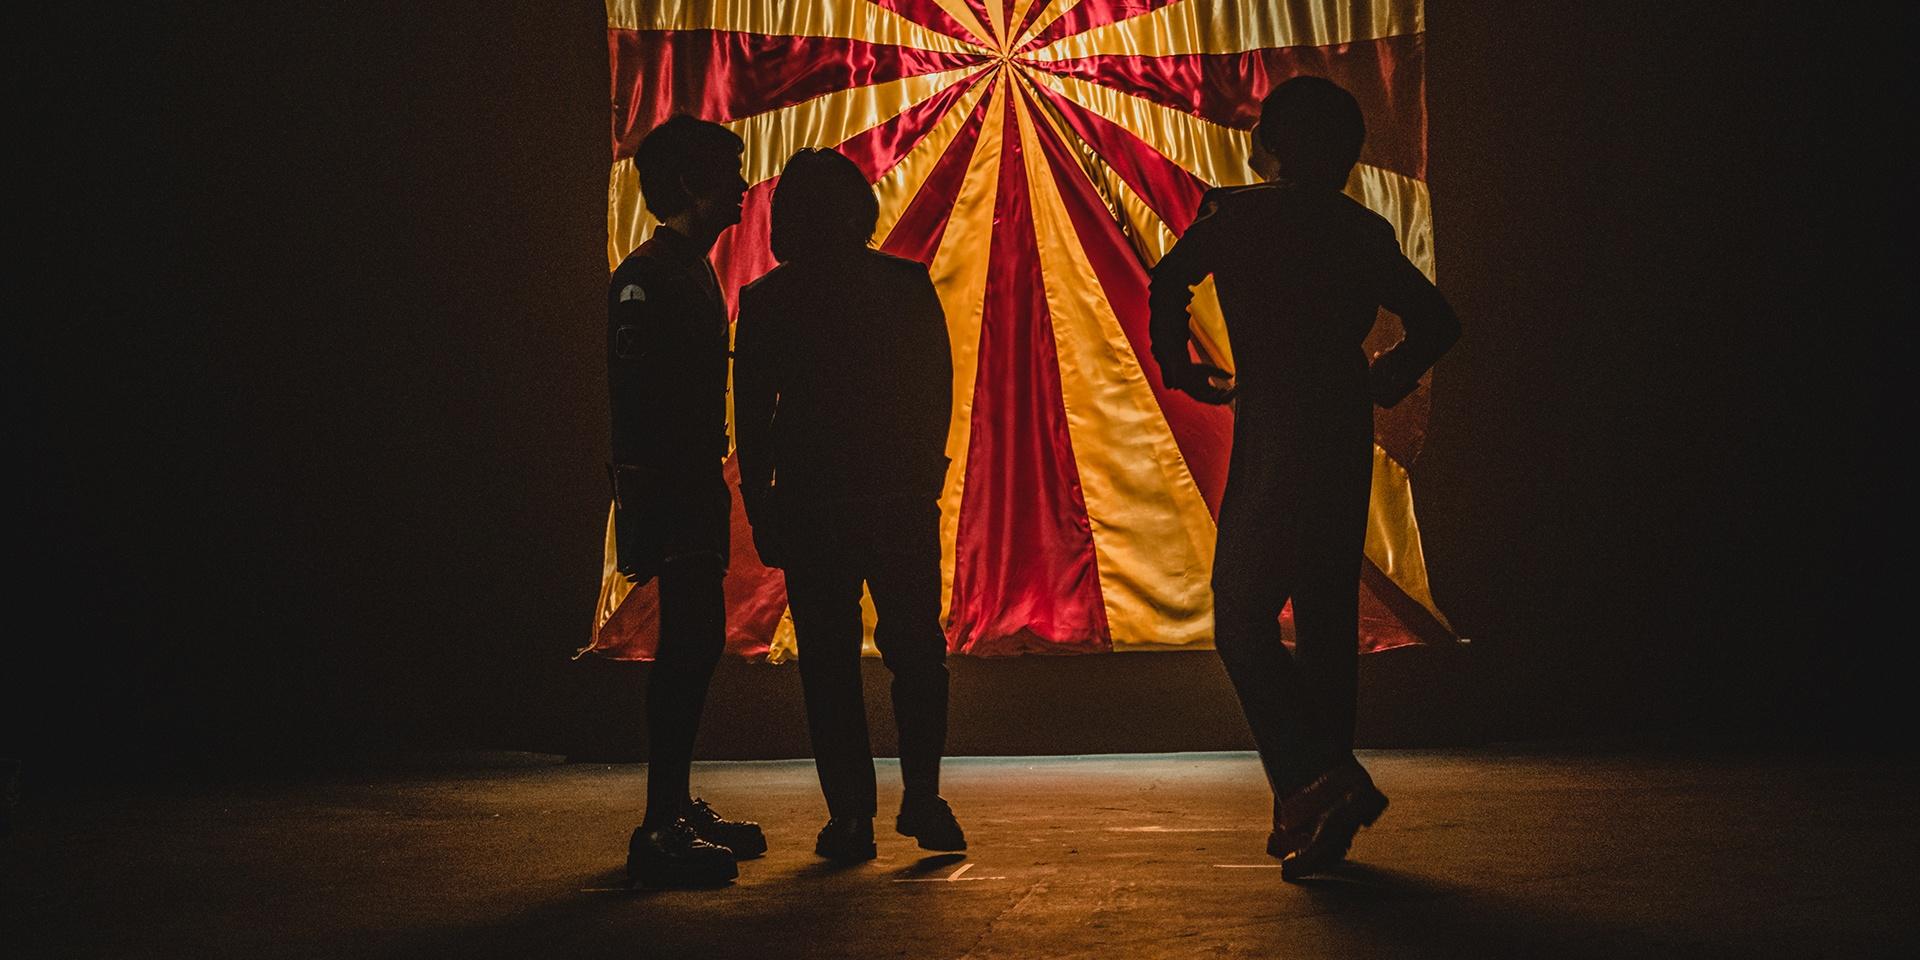 Get an inside look into IV of Spades' 'Ang Pinagmulan' music video shoot – photo gallery